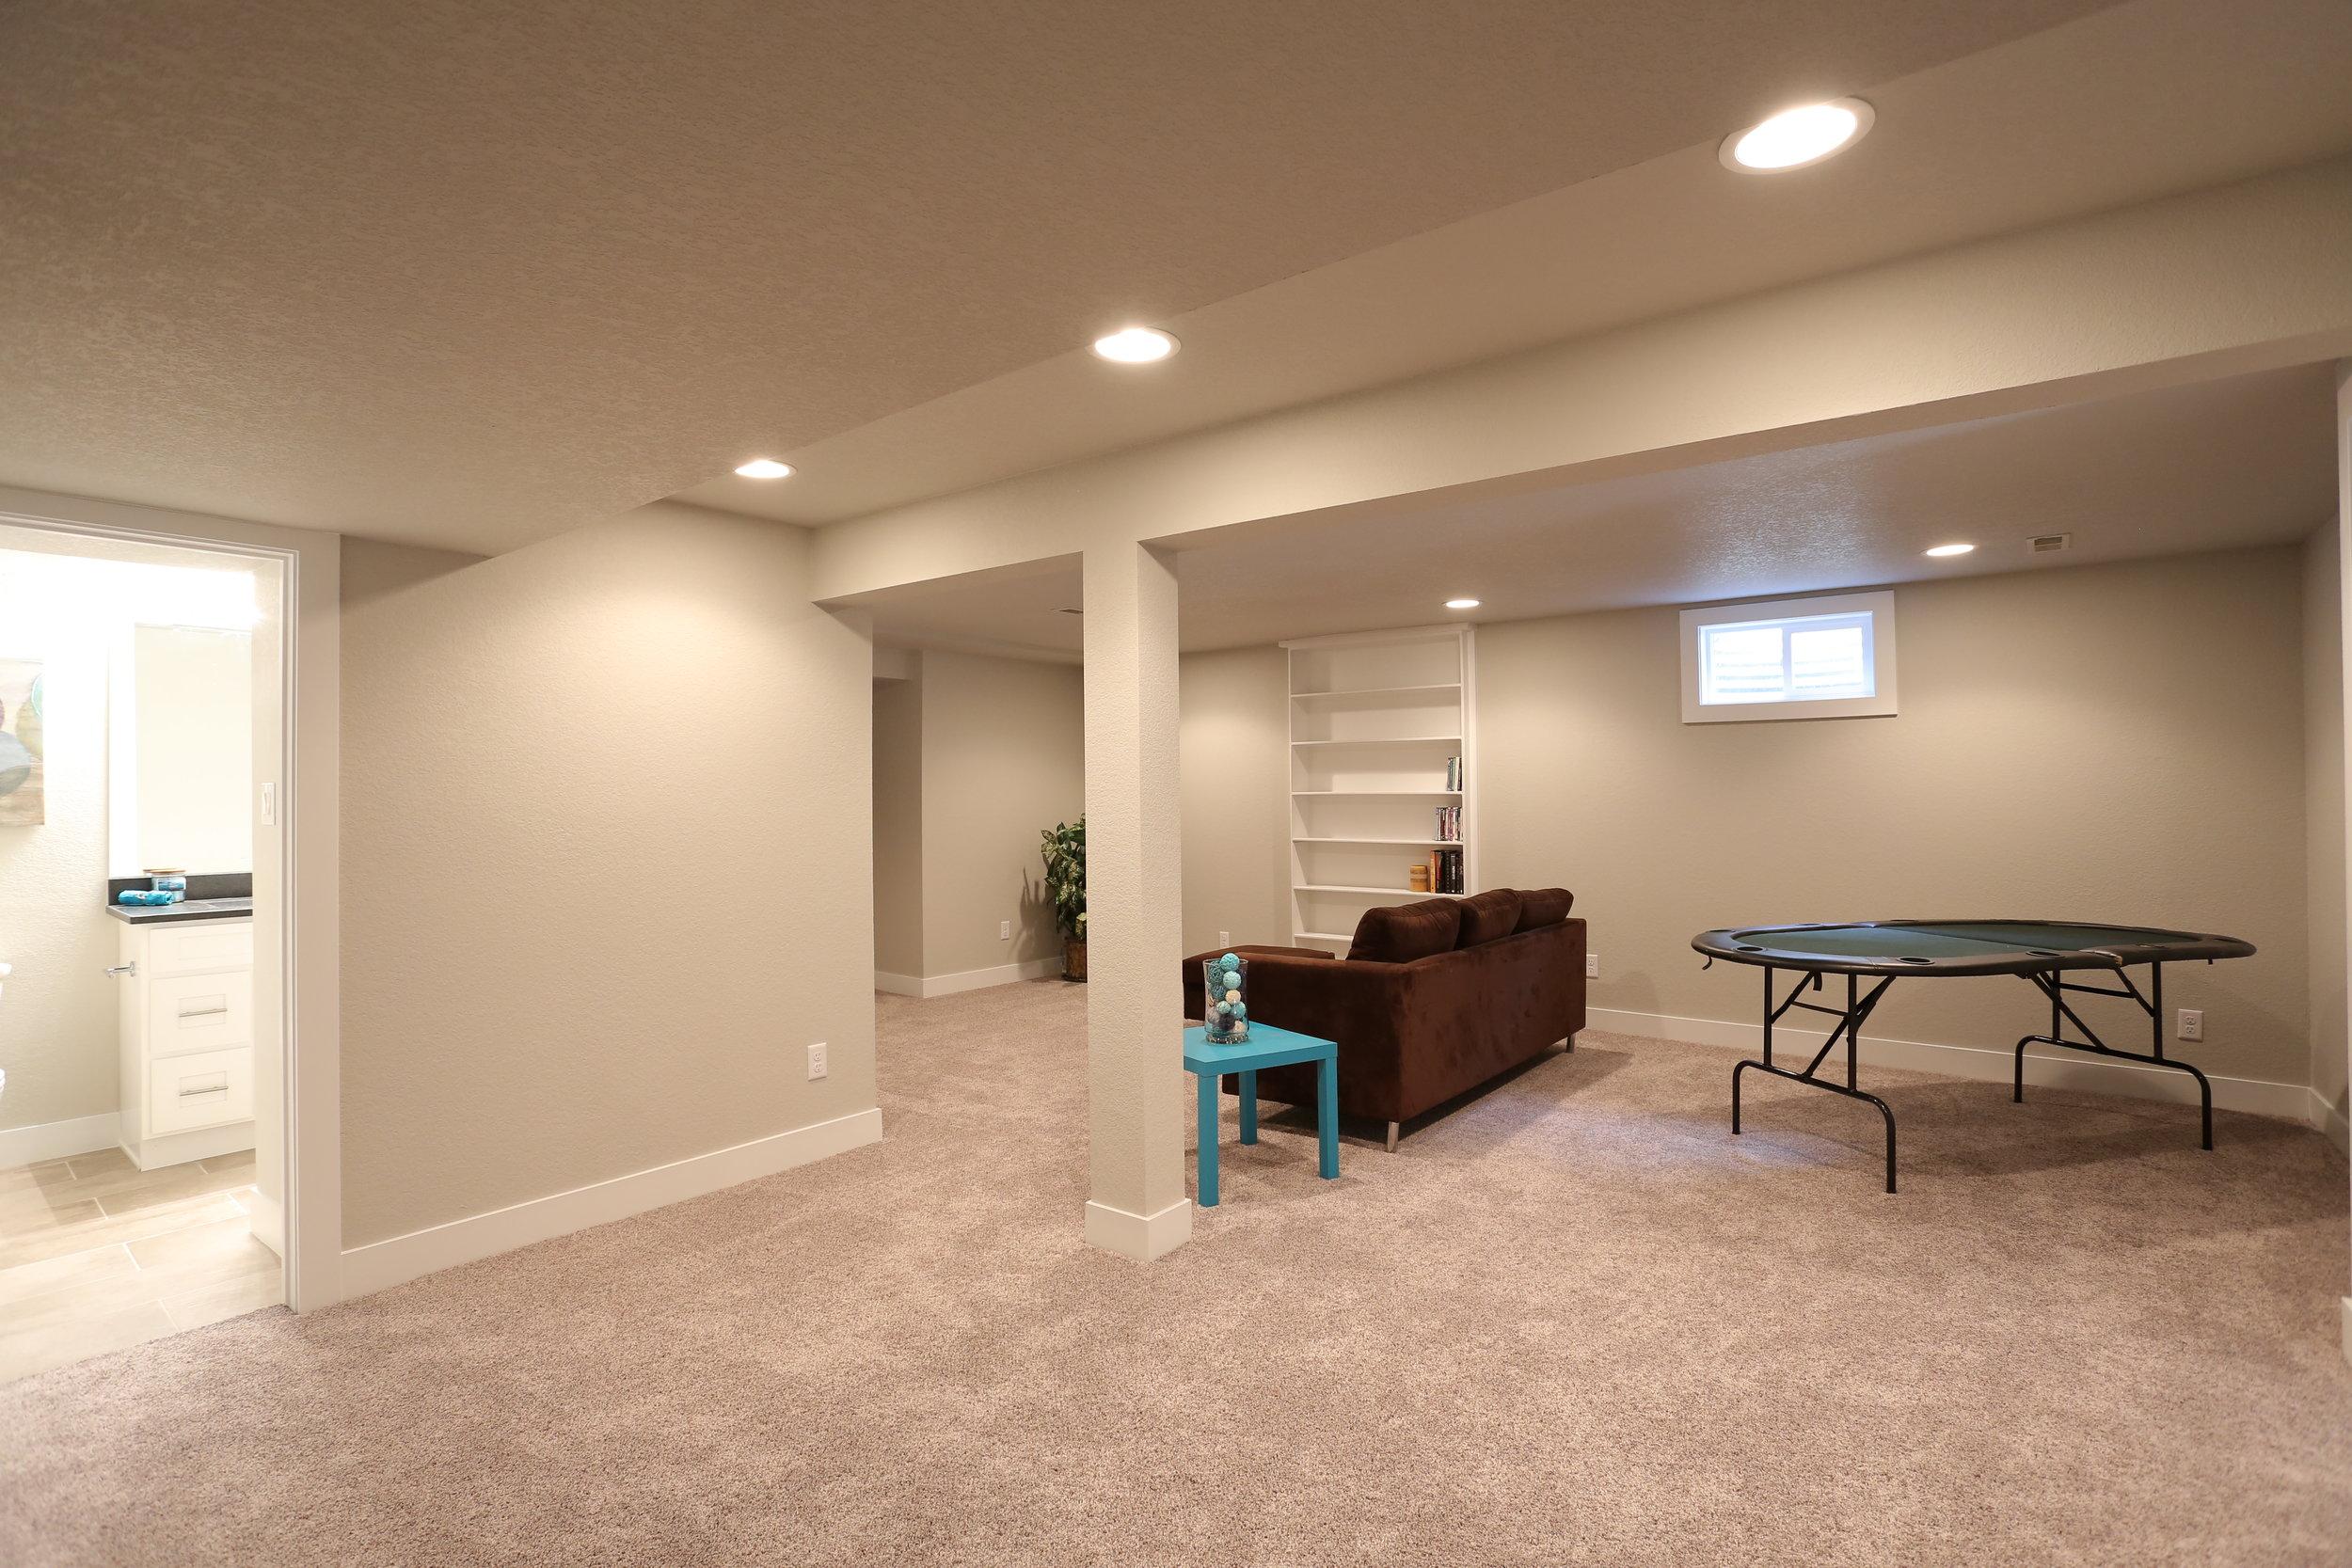 basement rec/media room